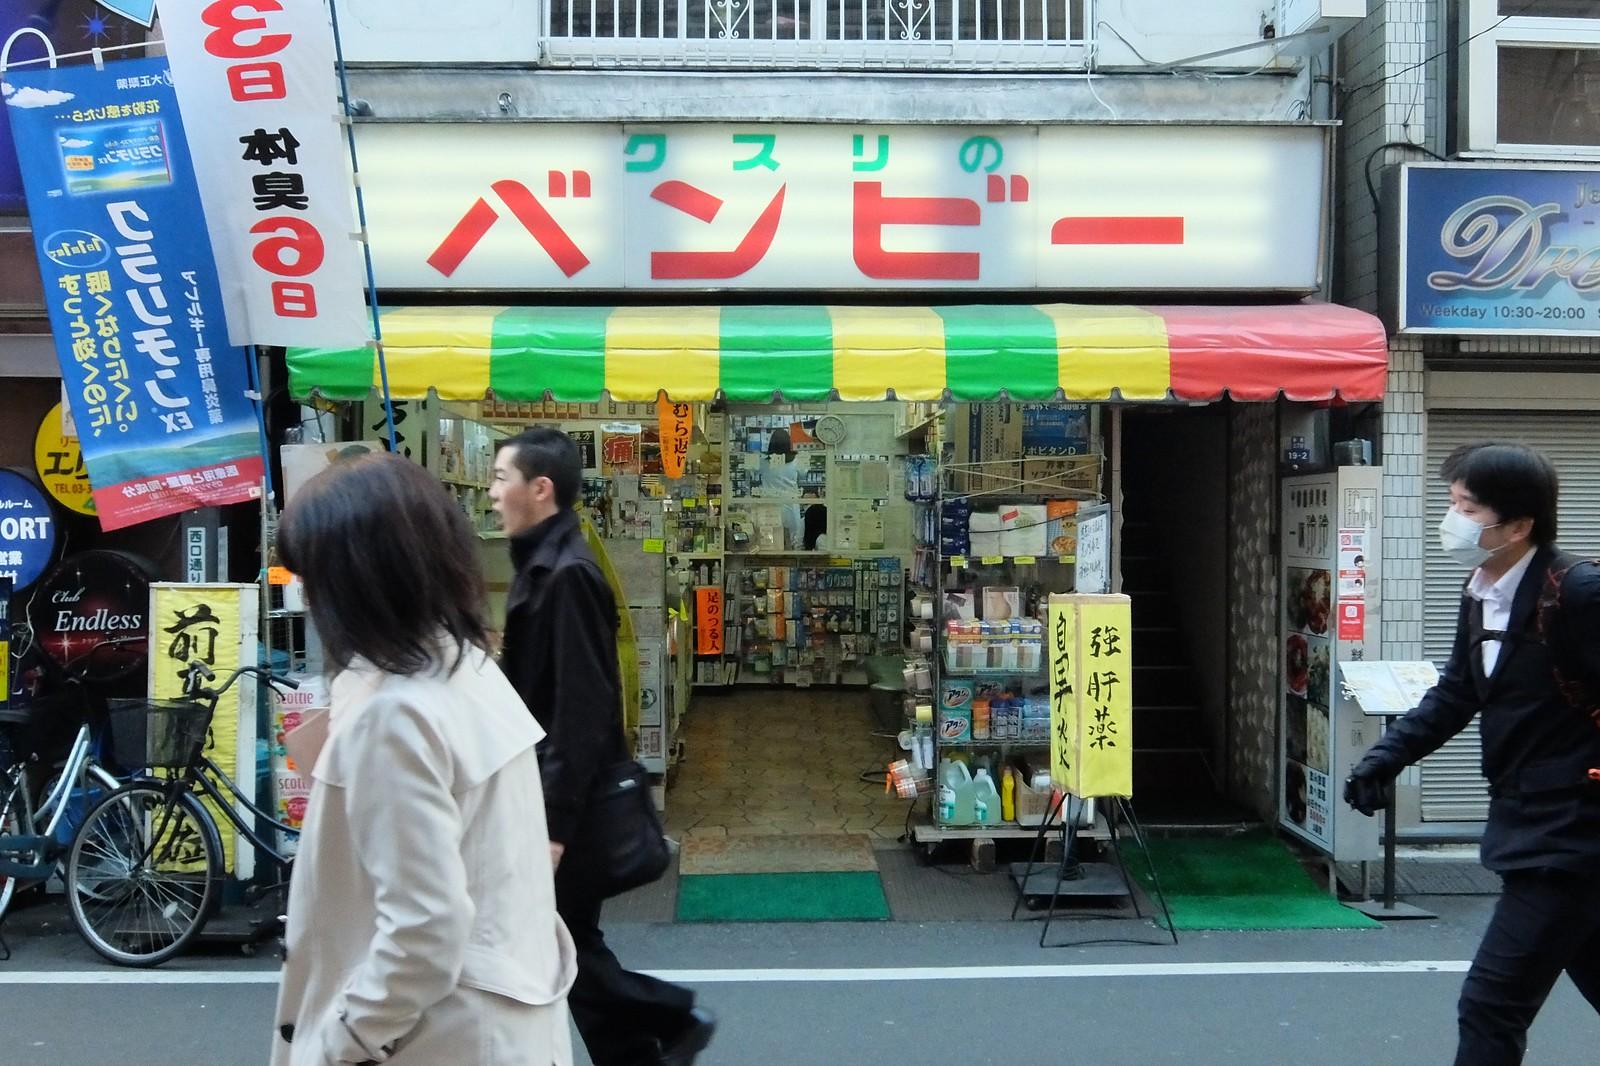 The Shinbashi Tokyo taken by FUJIFILM XQ1